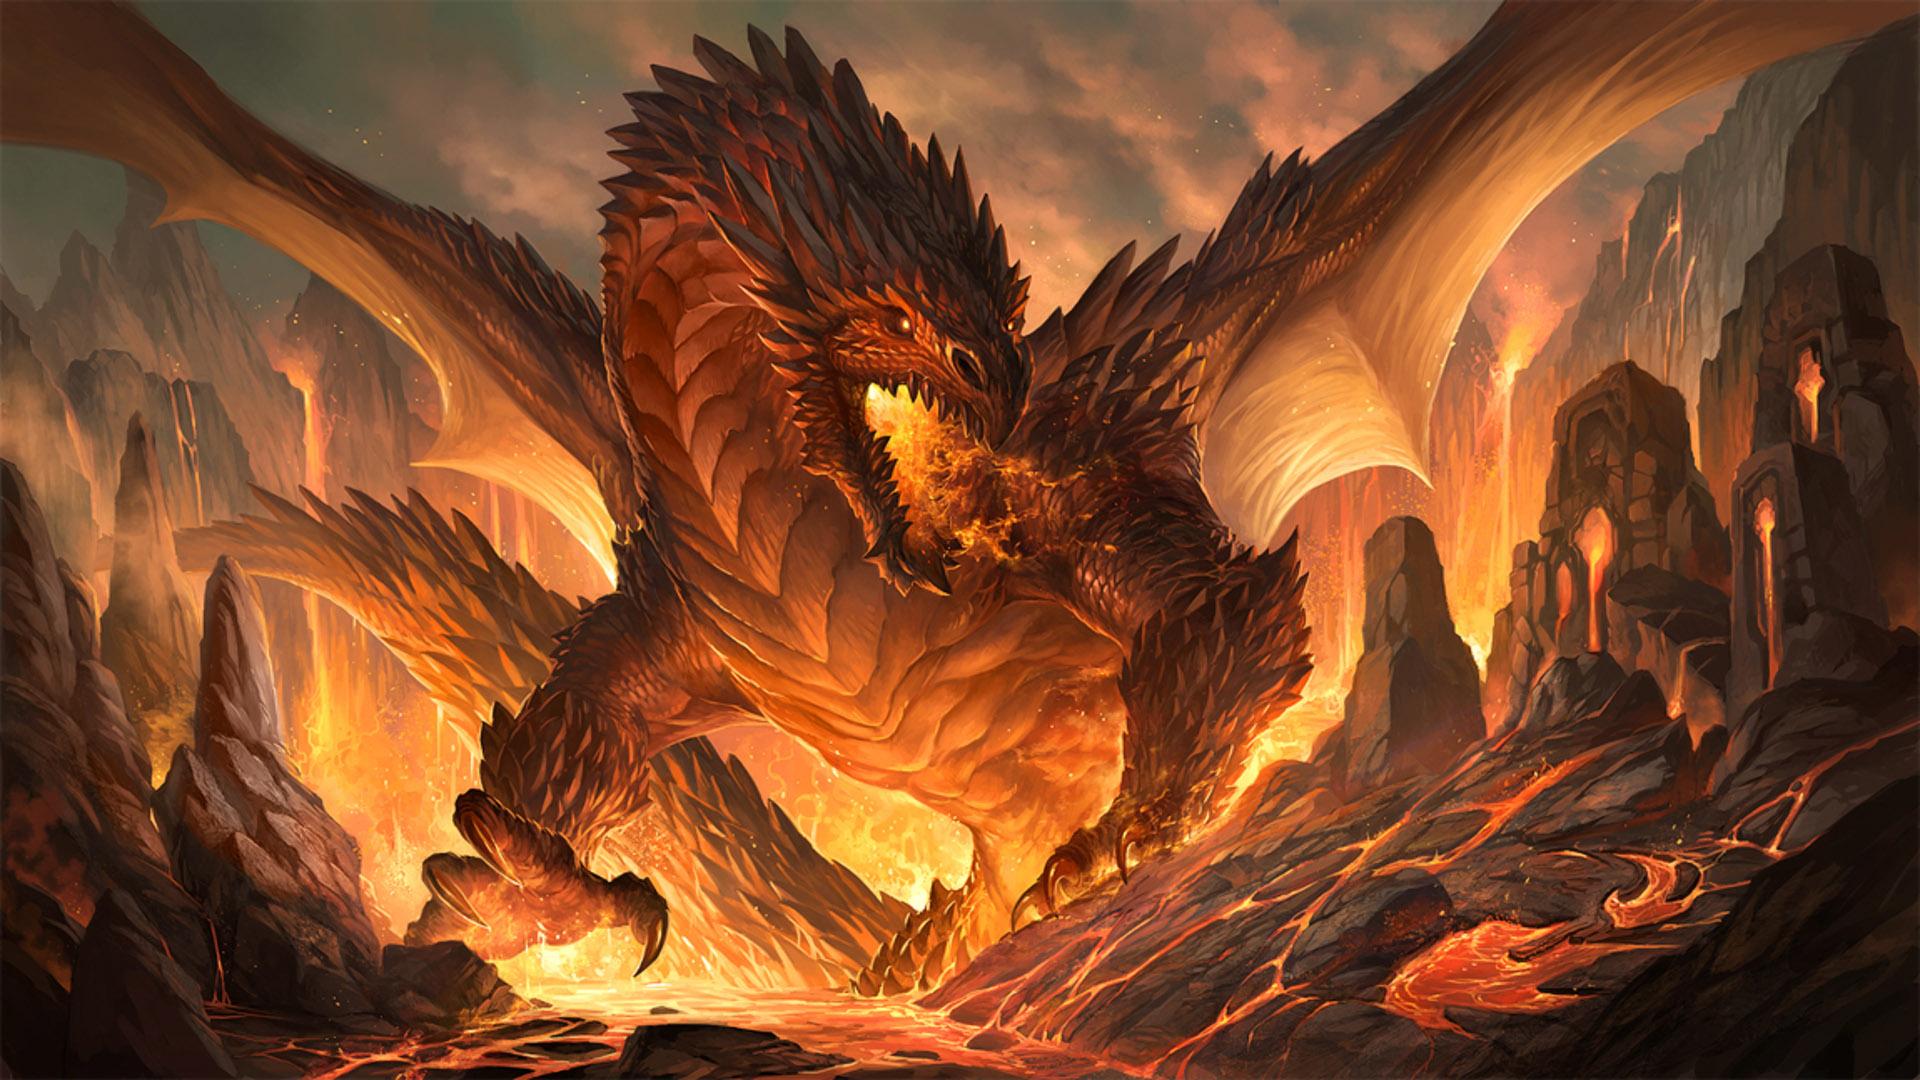 Красивые обои и картинки драконов для рабочего стола - подборка 15